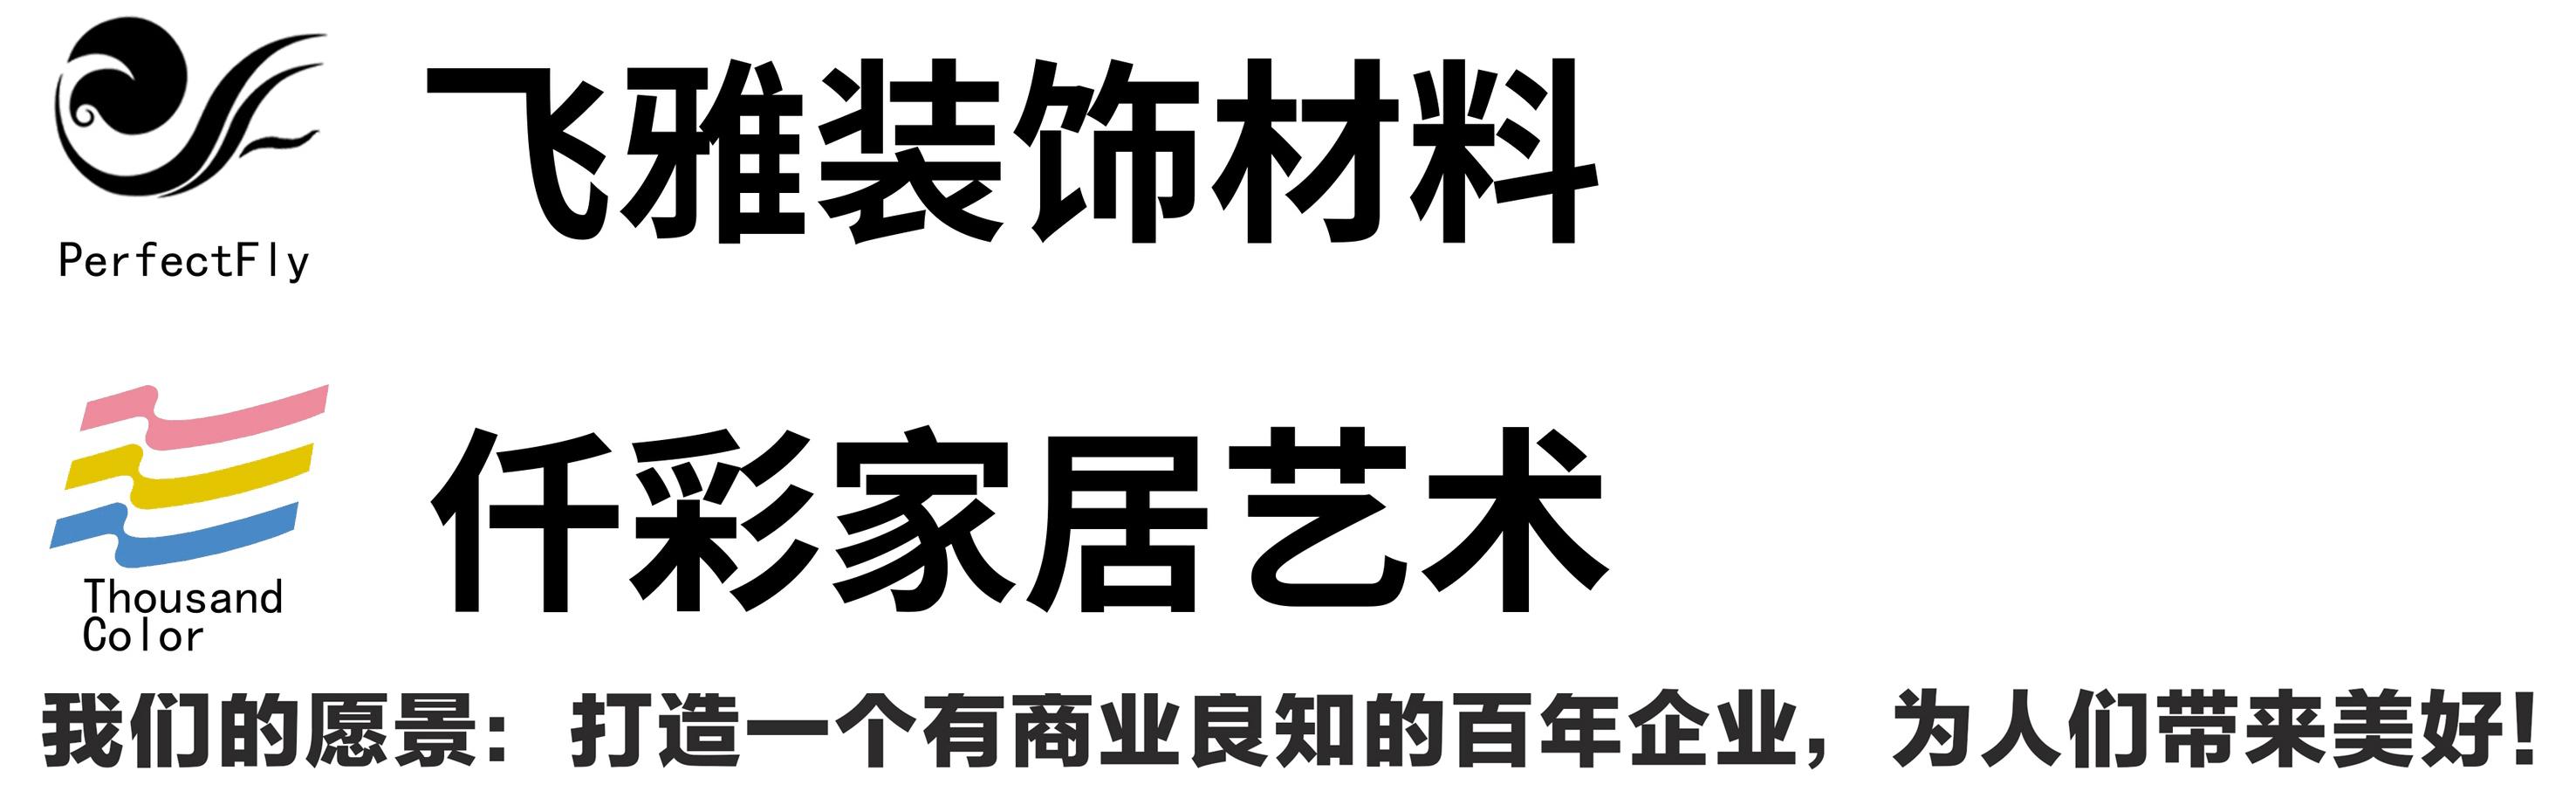 深圳市仟彩家居艺术有限公司